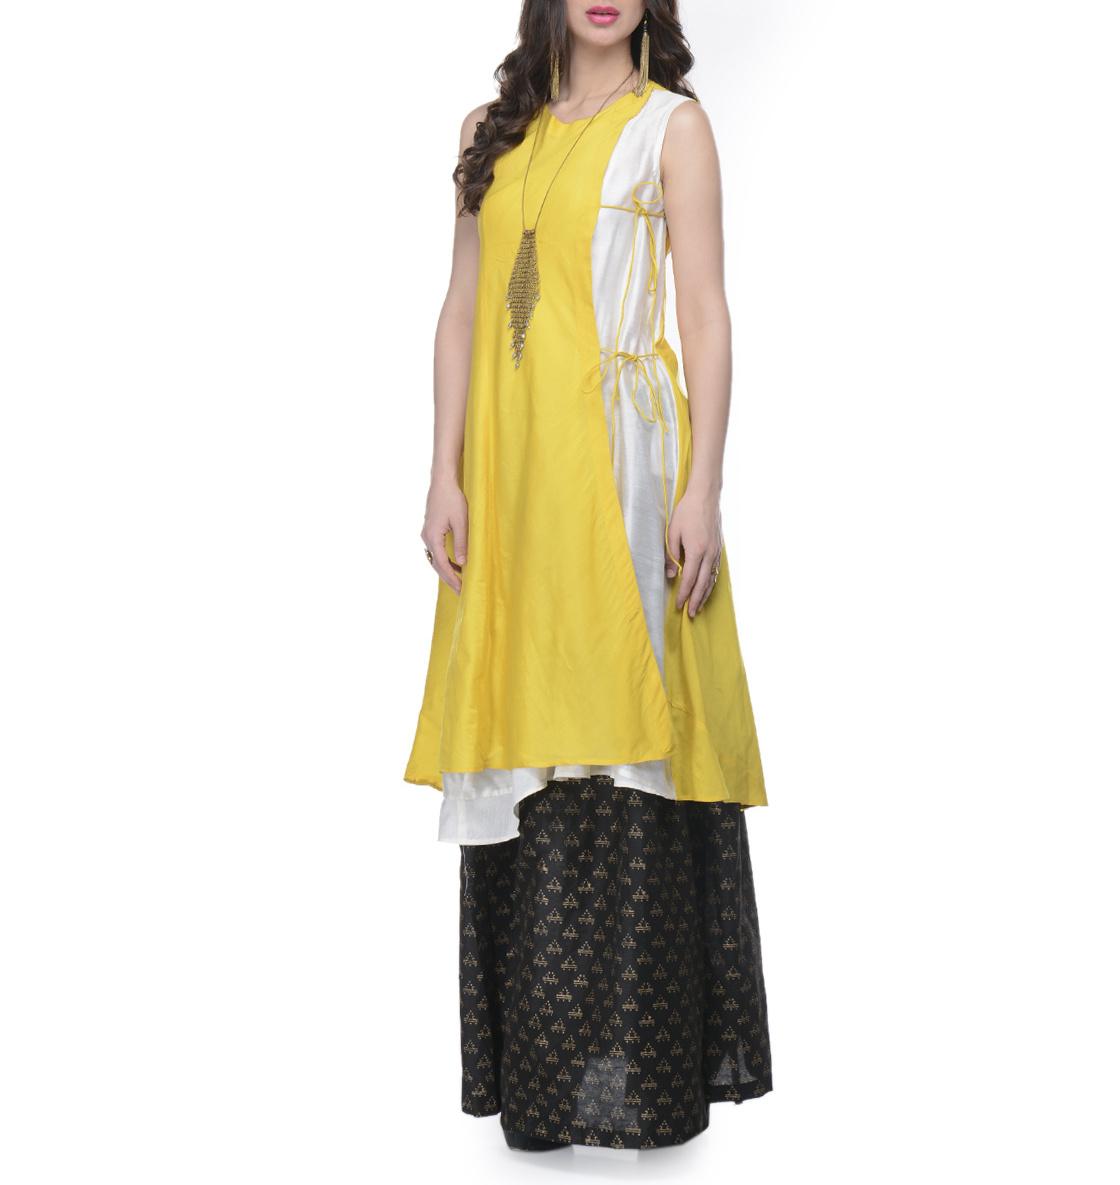 Yellow and white tunic